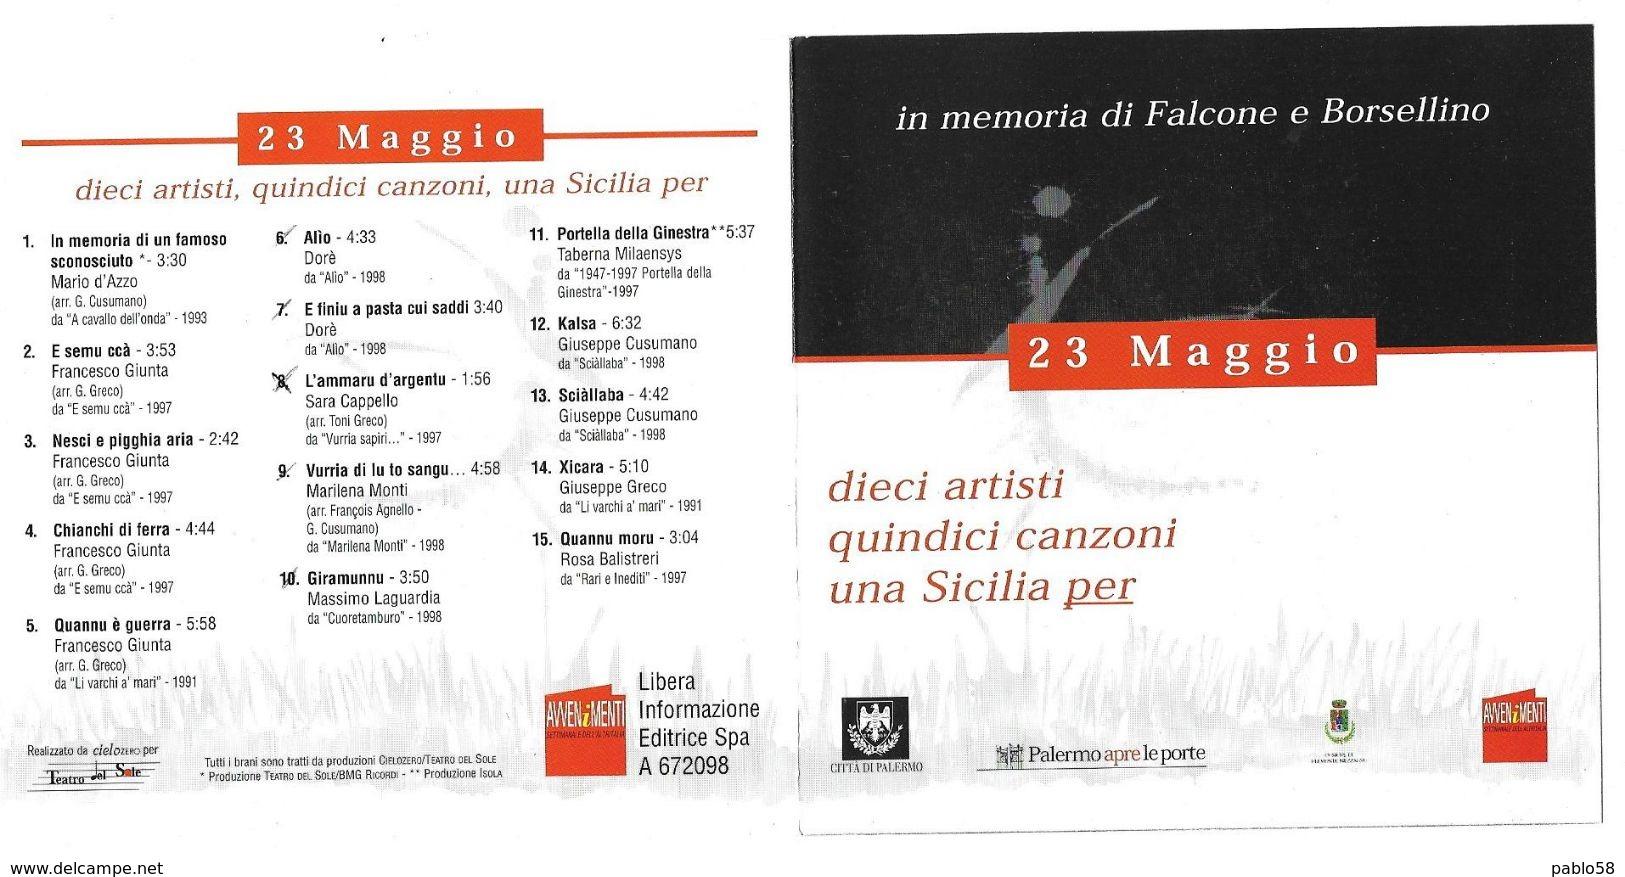 23 Maggio In Memoria Di Falcone E Borsellino 10 Artisti 15 Canzoni - Musik & Instrumente